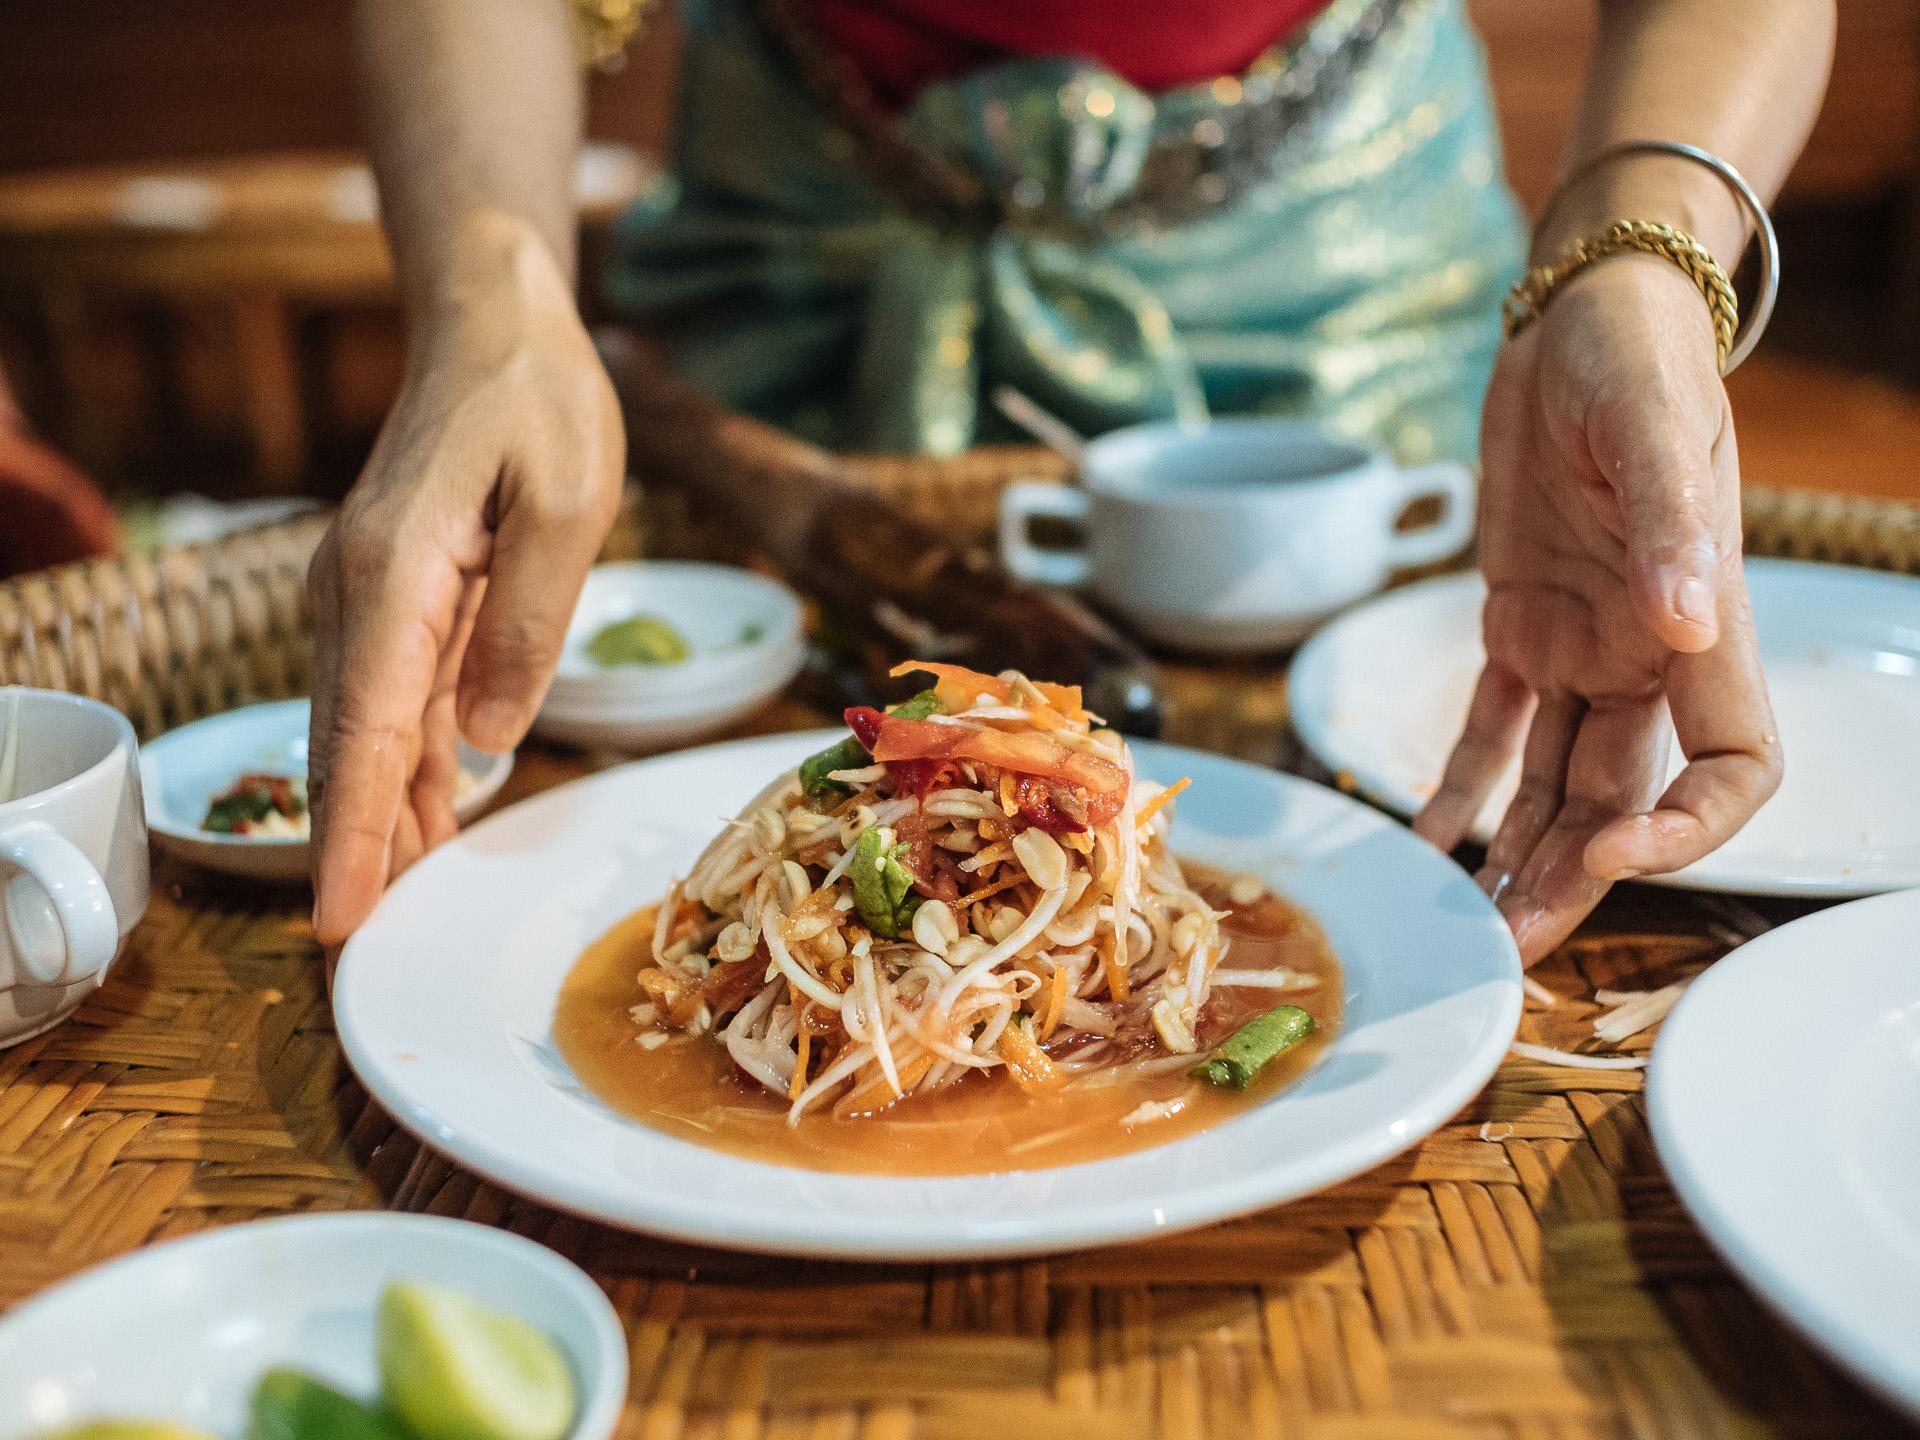 Apprivoiser Bangkok ème Tentative Yummy Planet - Cours de cuisine vegetarienne